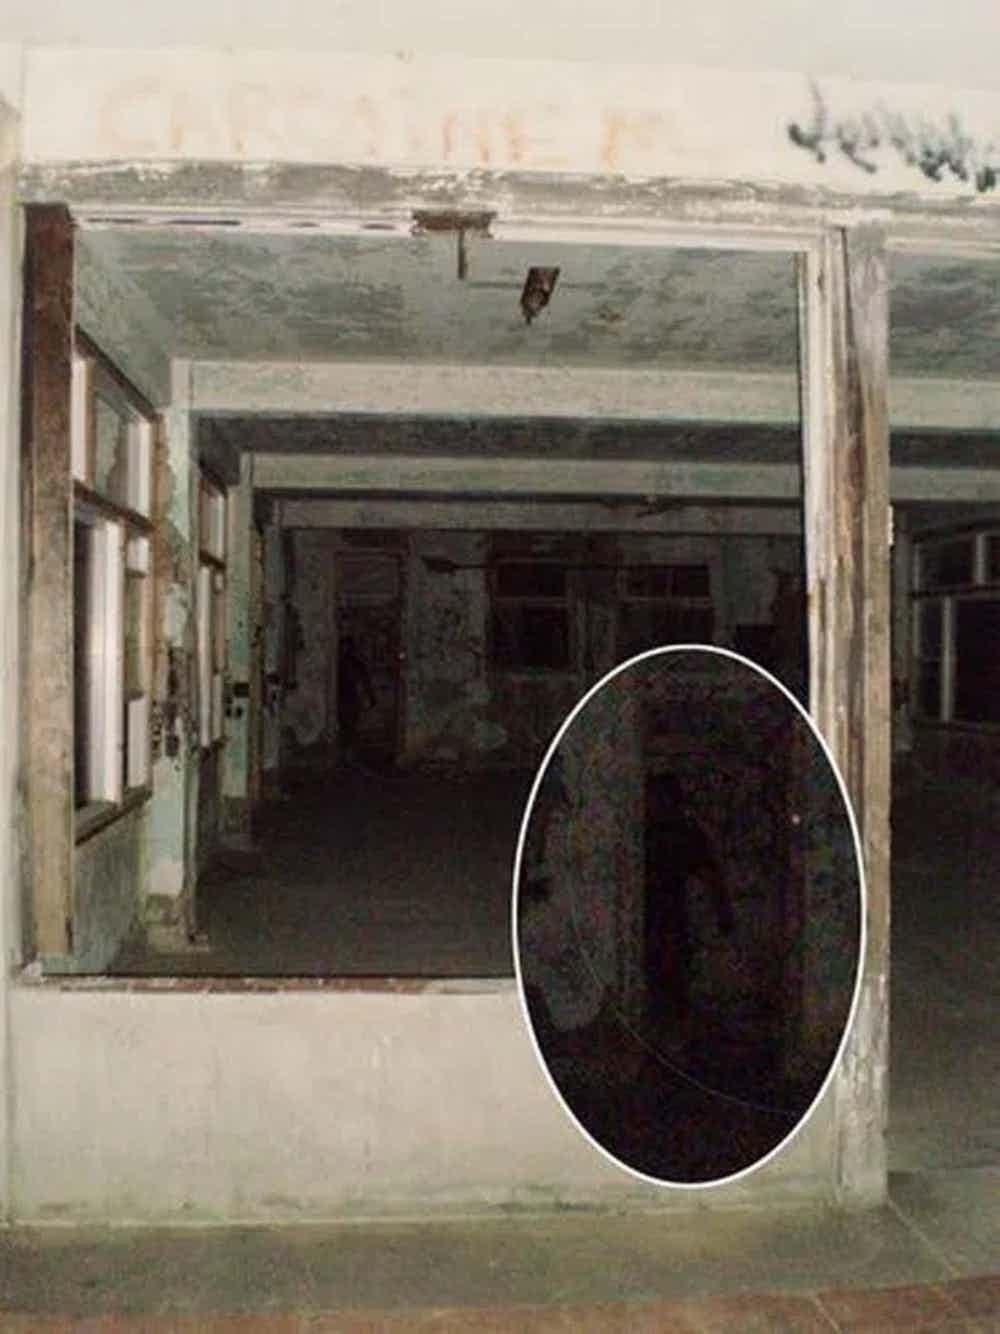 15張連鐵齒的你都「再也不敢關燈睡」超自然真實恐怖照 鏡子的傳說都是真的...千萬別回頭!